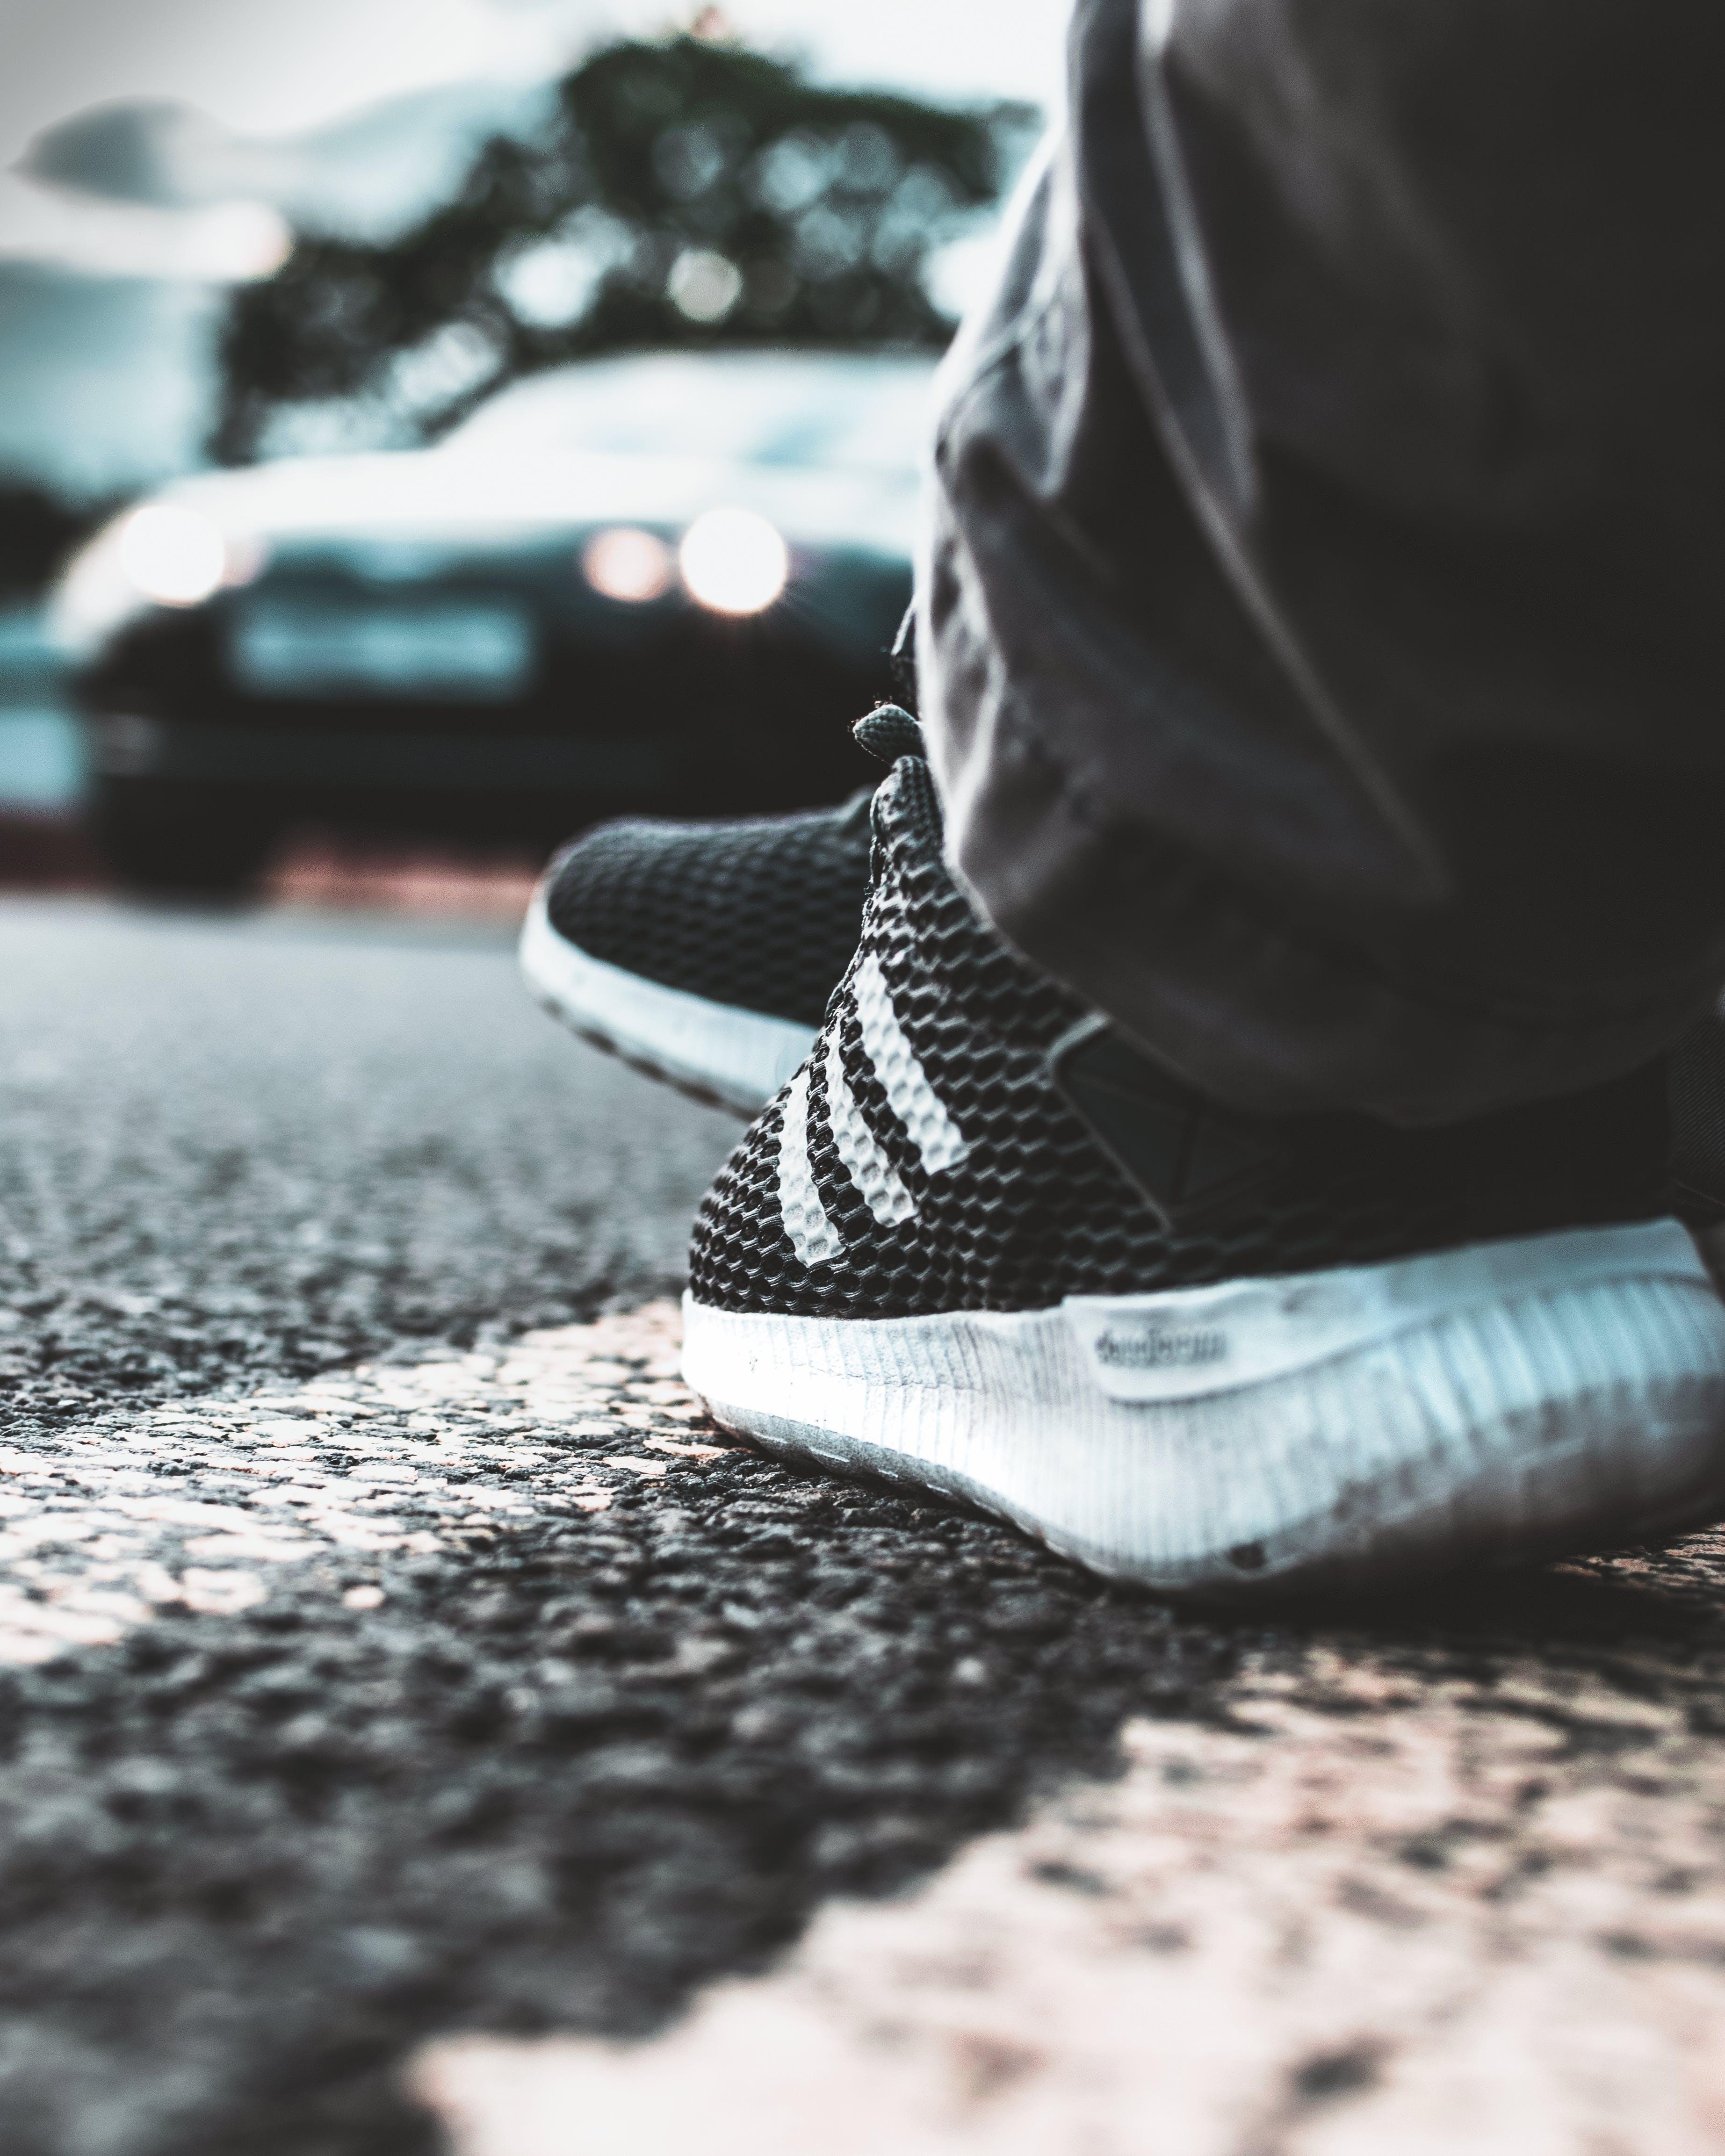 Fotos de stock gratuitas de borde del camino, calzado, carretera, coche